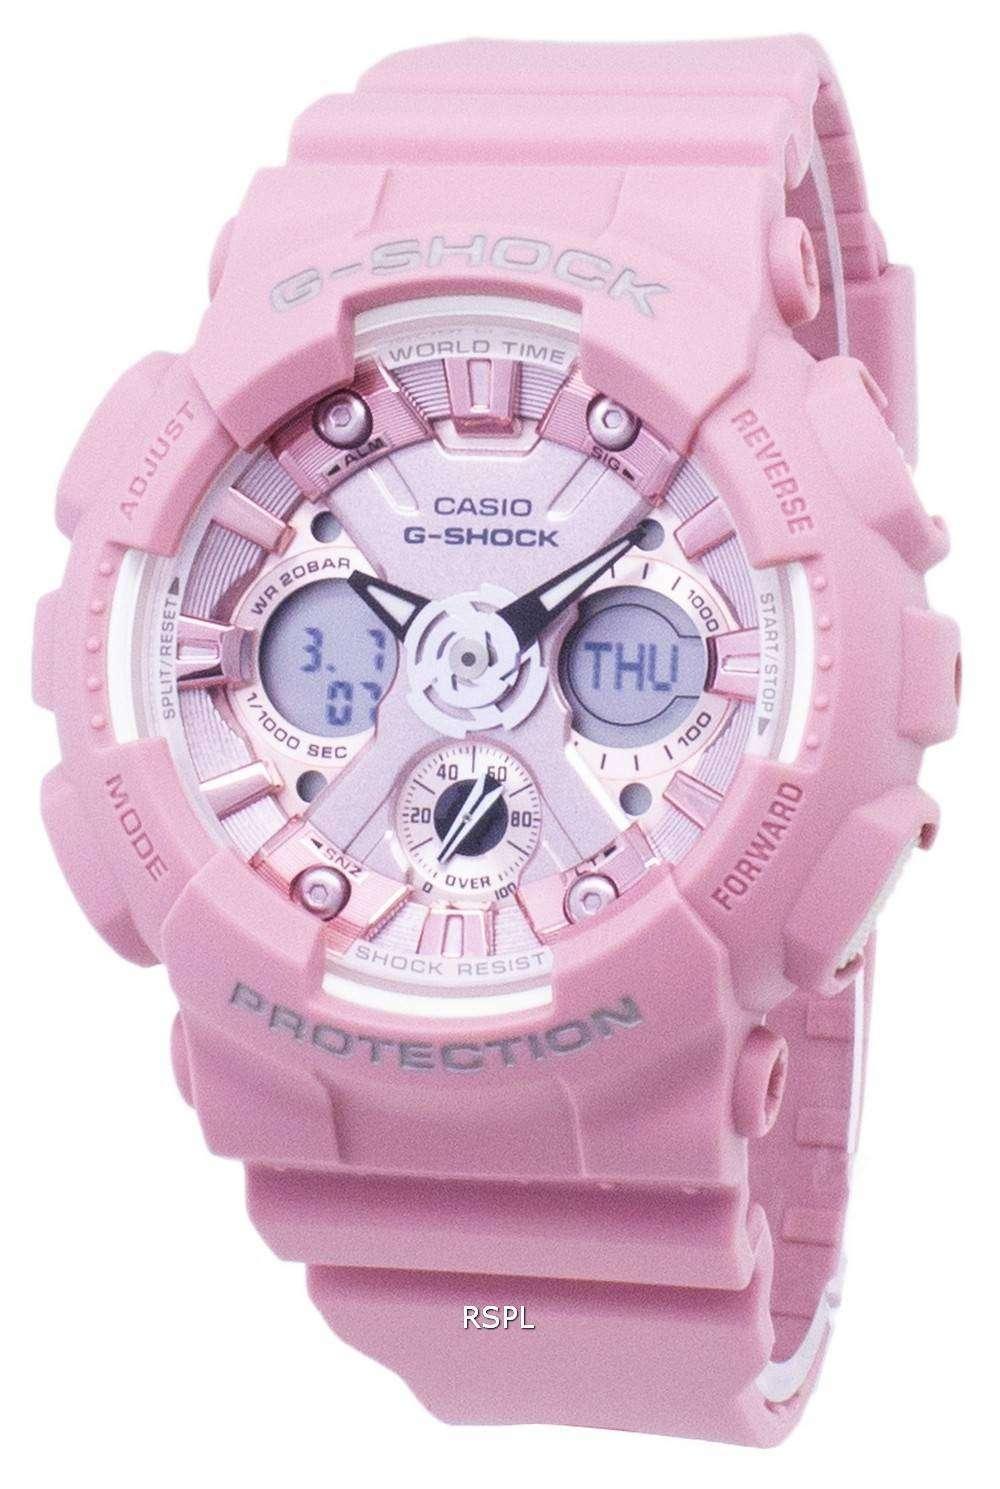 d4ec8f5d5a2 Casio G-Shock GMA-S120DP-4A GMAS120DP-4A Analog Digital 200M Men s Watch